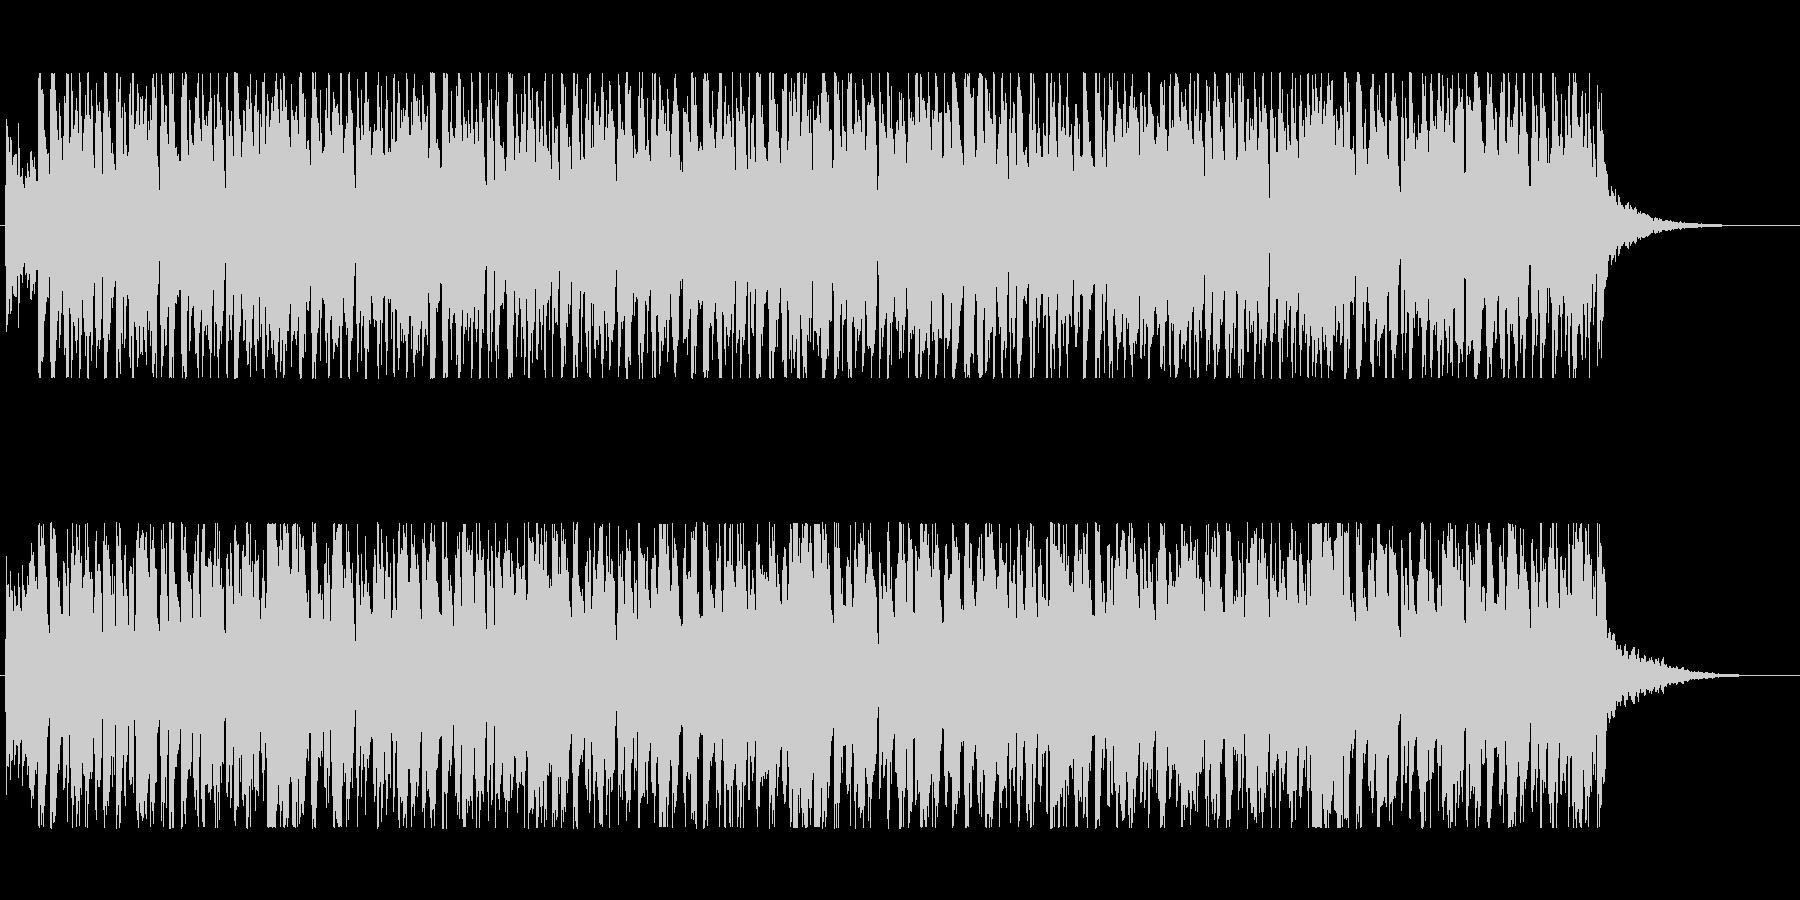 ギターカッティングが心地いいBGMの未再生の波形